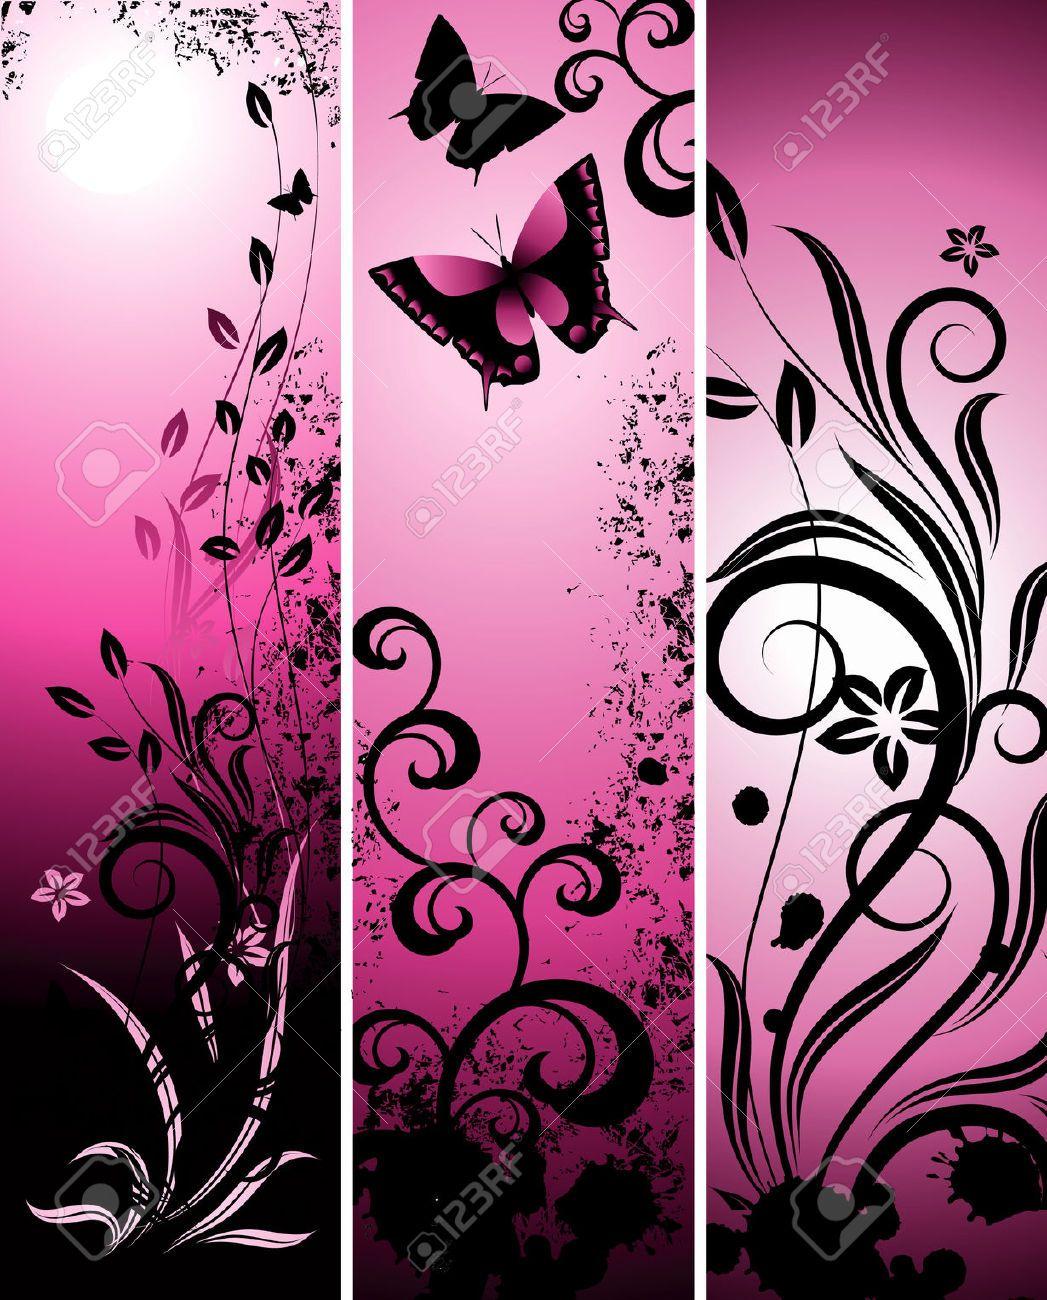 Pink Butterfly Wallpaper: Pin By Kimberly Rochin On BUTTERFLIES WALLPAPER In 2019